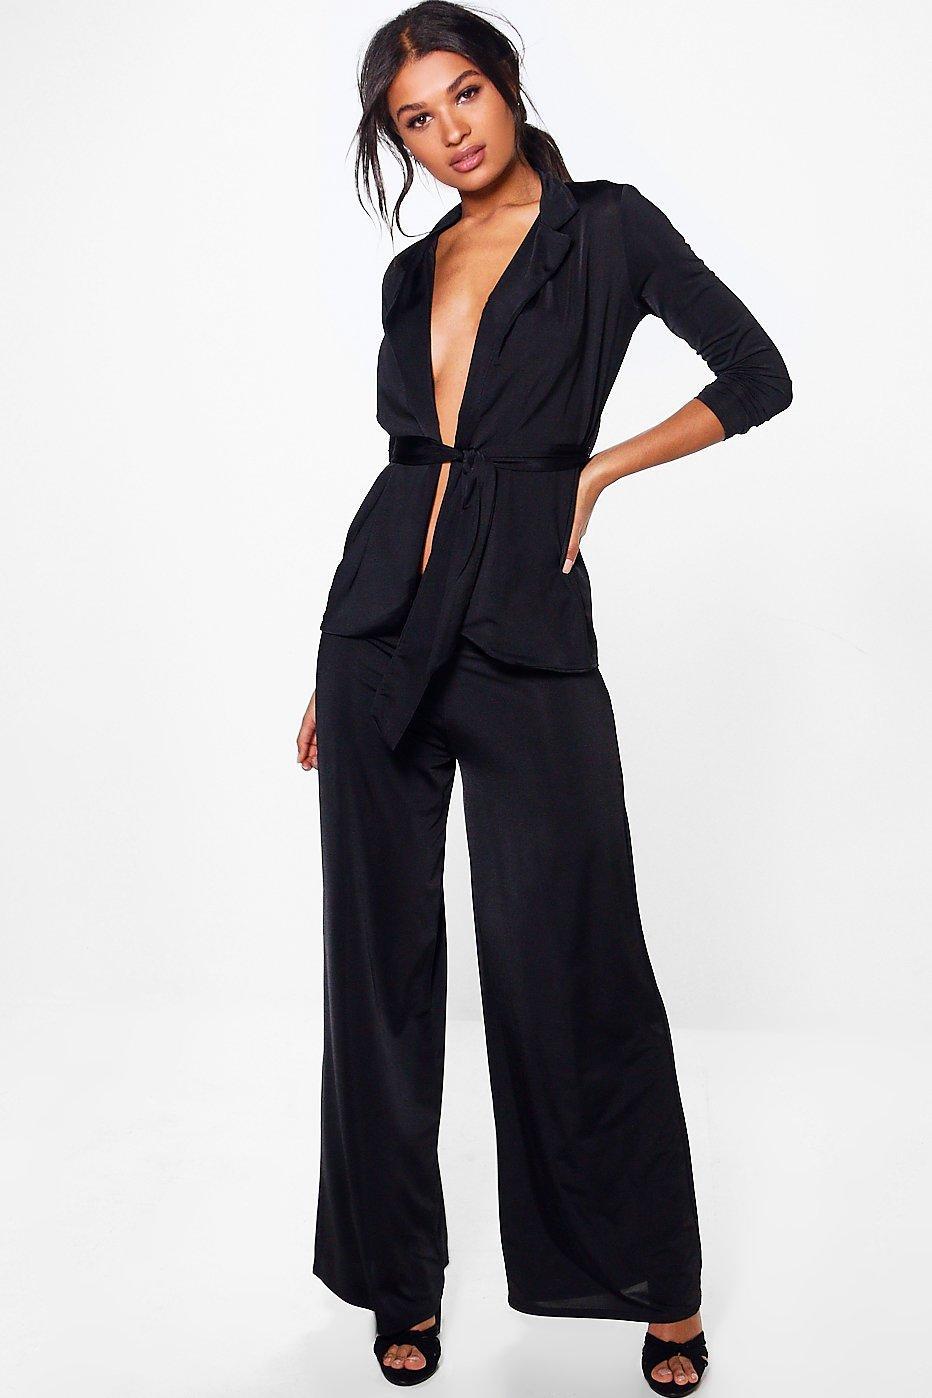 Chelsea Tie Waist Slinky Blazer & Trouser Co-Ord